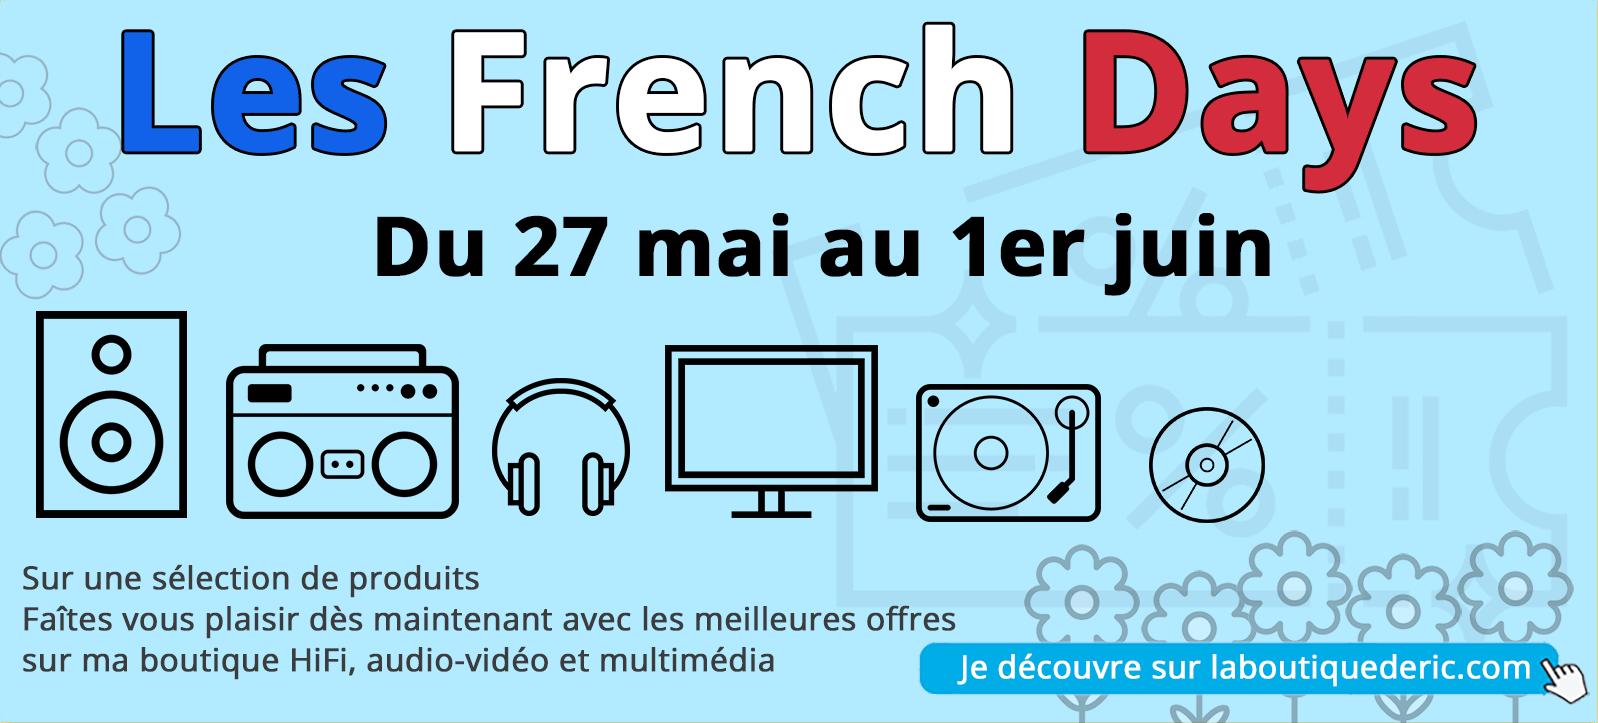 French Days - nos meilleurs promotions sur la HiFi et l'audio vidéo dans La boutique d'Eric